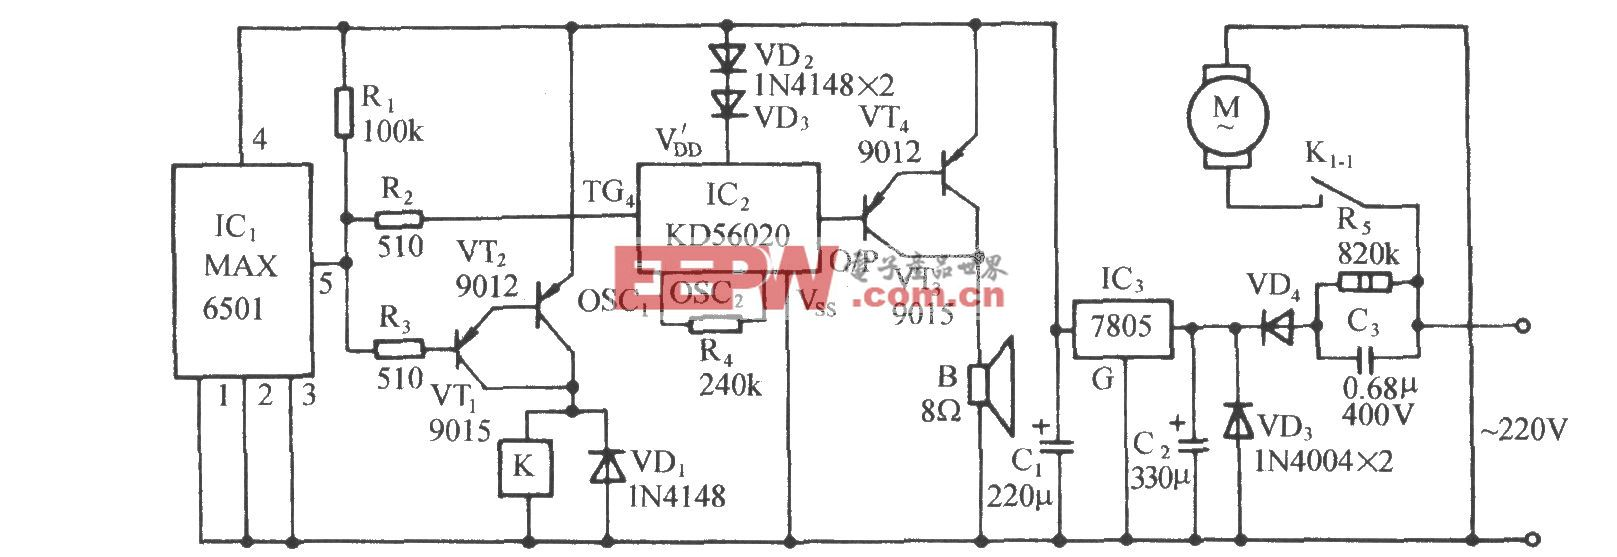 采用温度开关集成电路MAX6501的自动通风降温电路